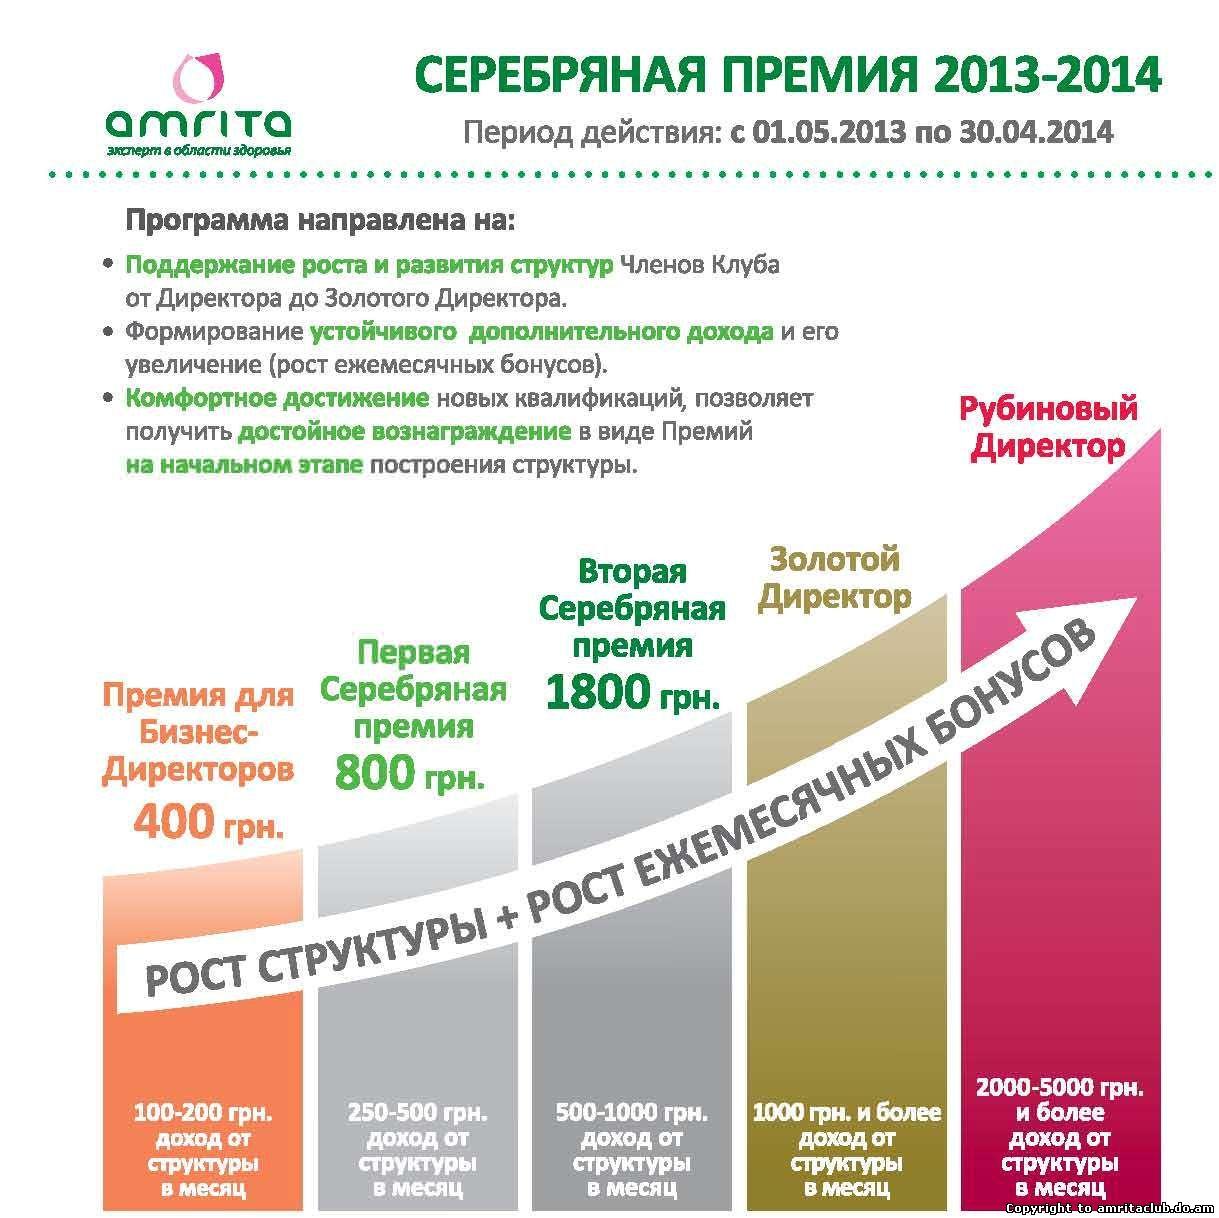 Програма «Срібна премія 2013-2014» триває!